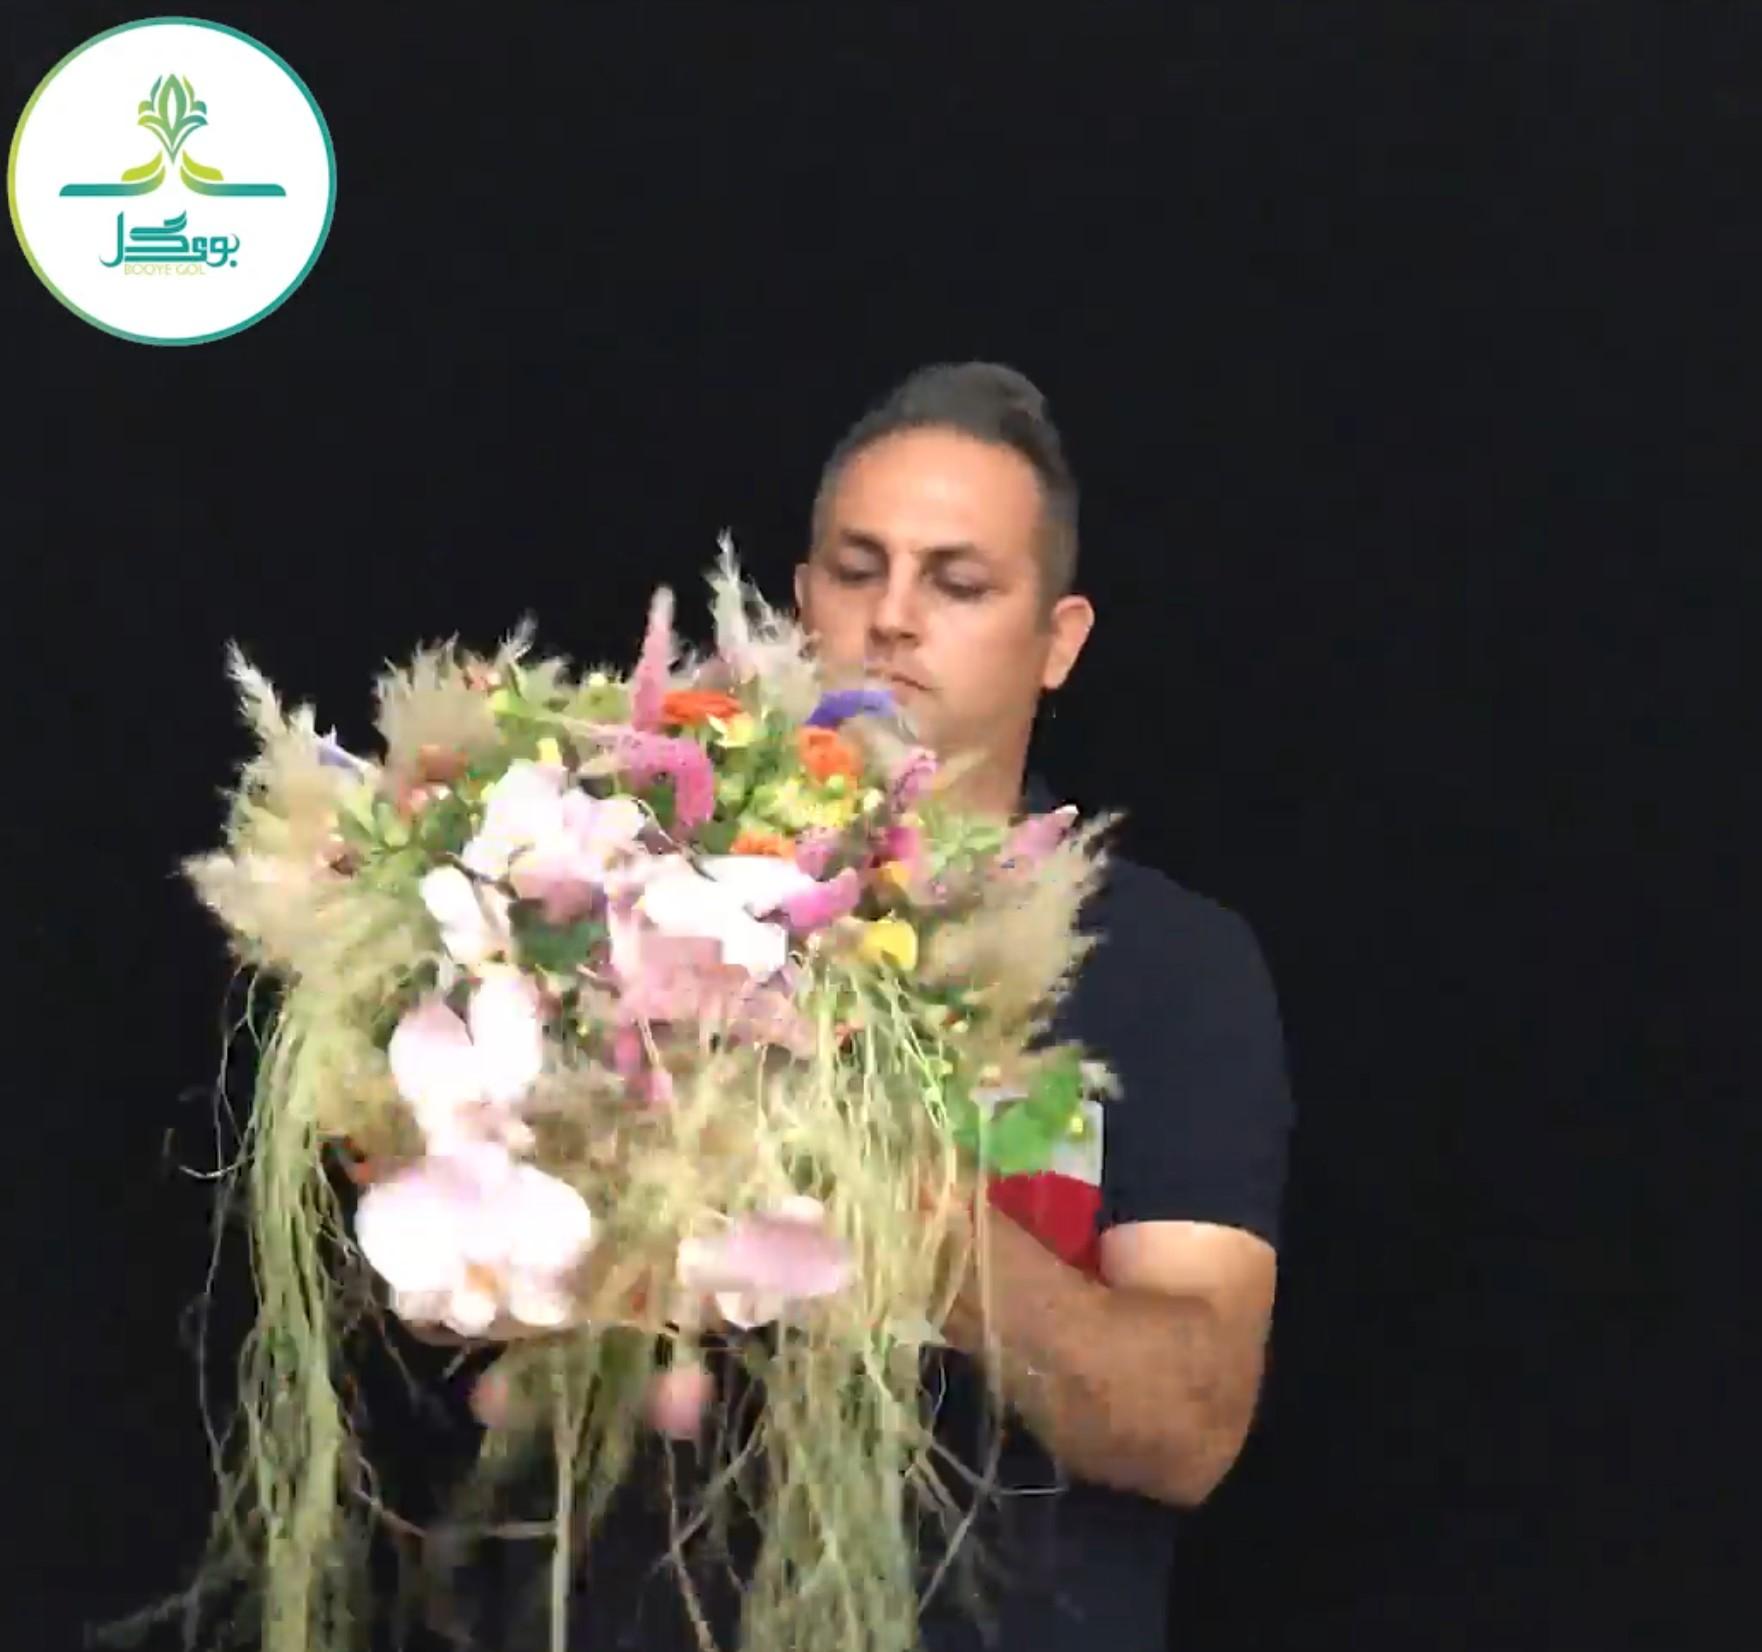 دوره تشریفات بوی گل